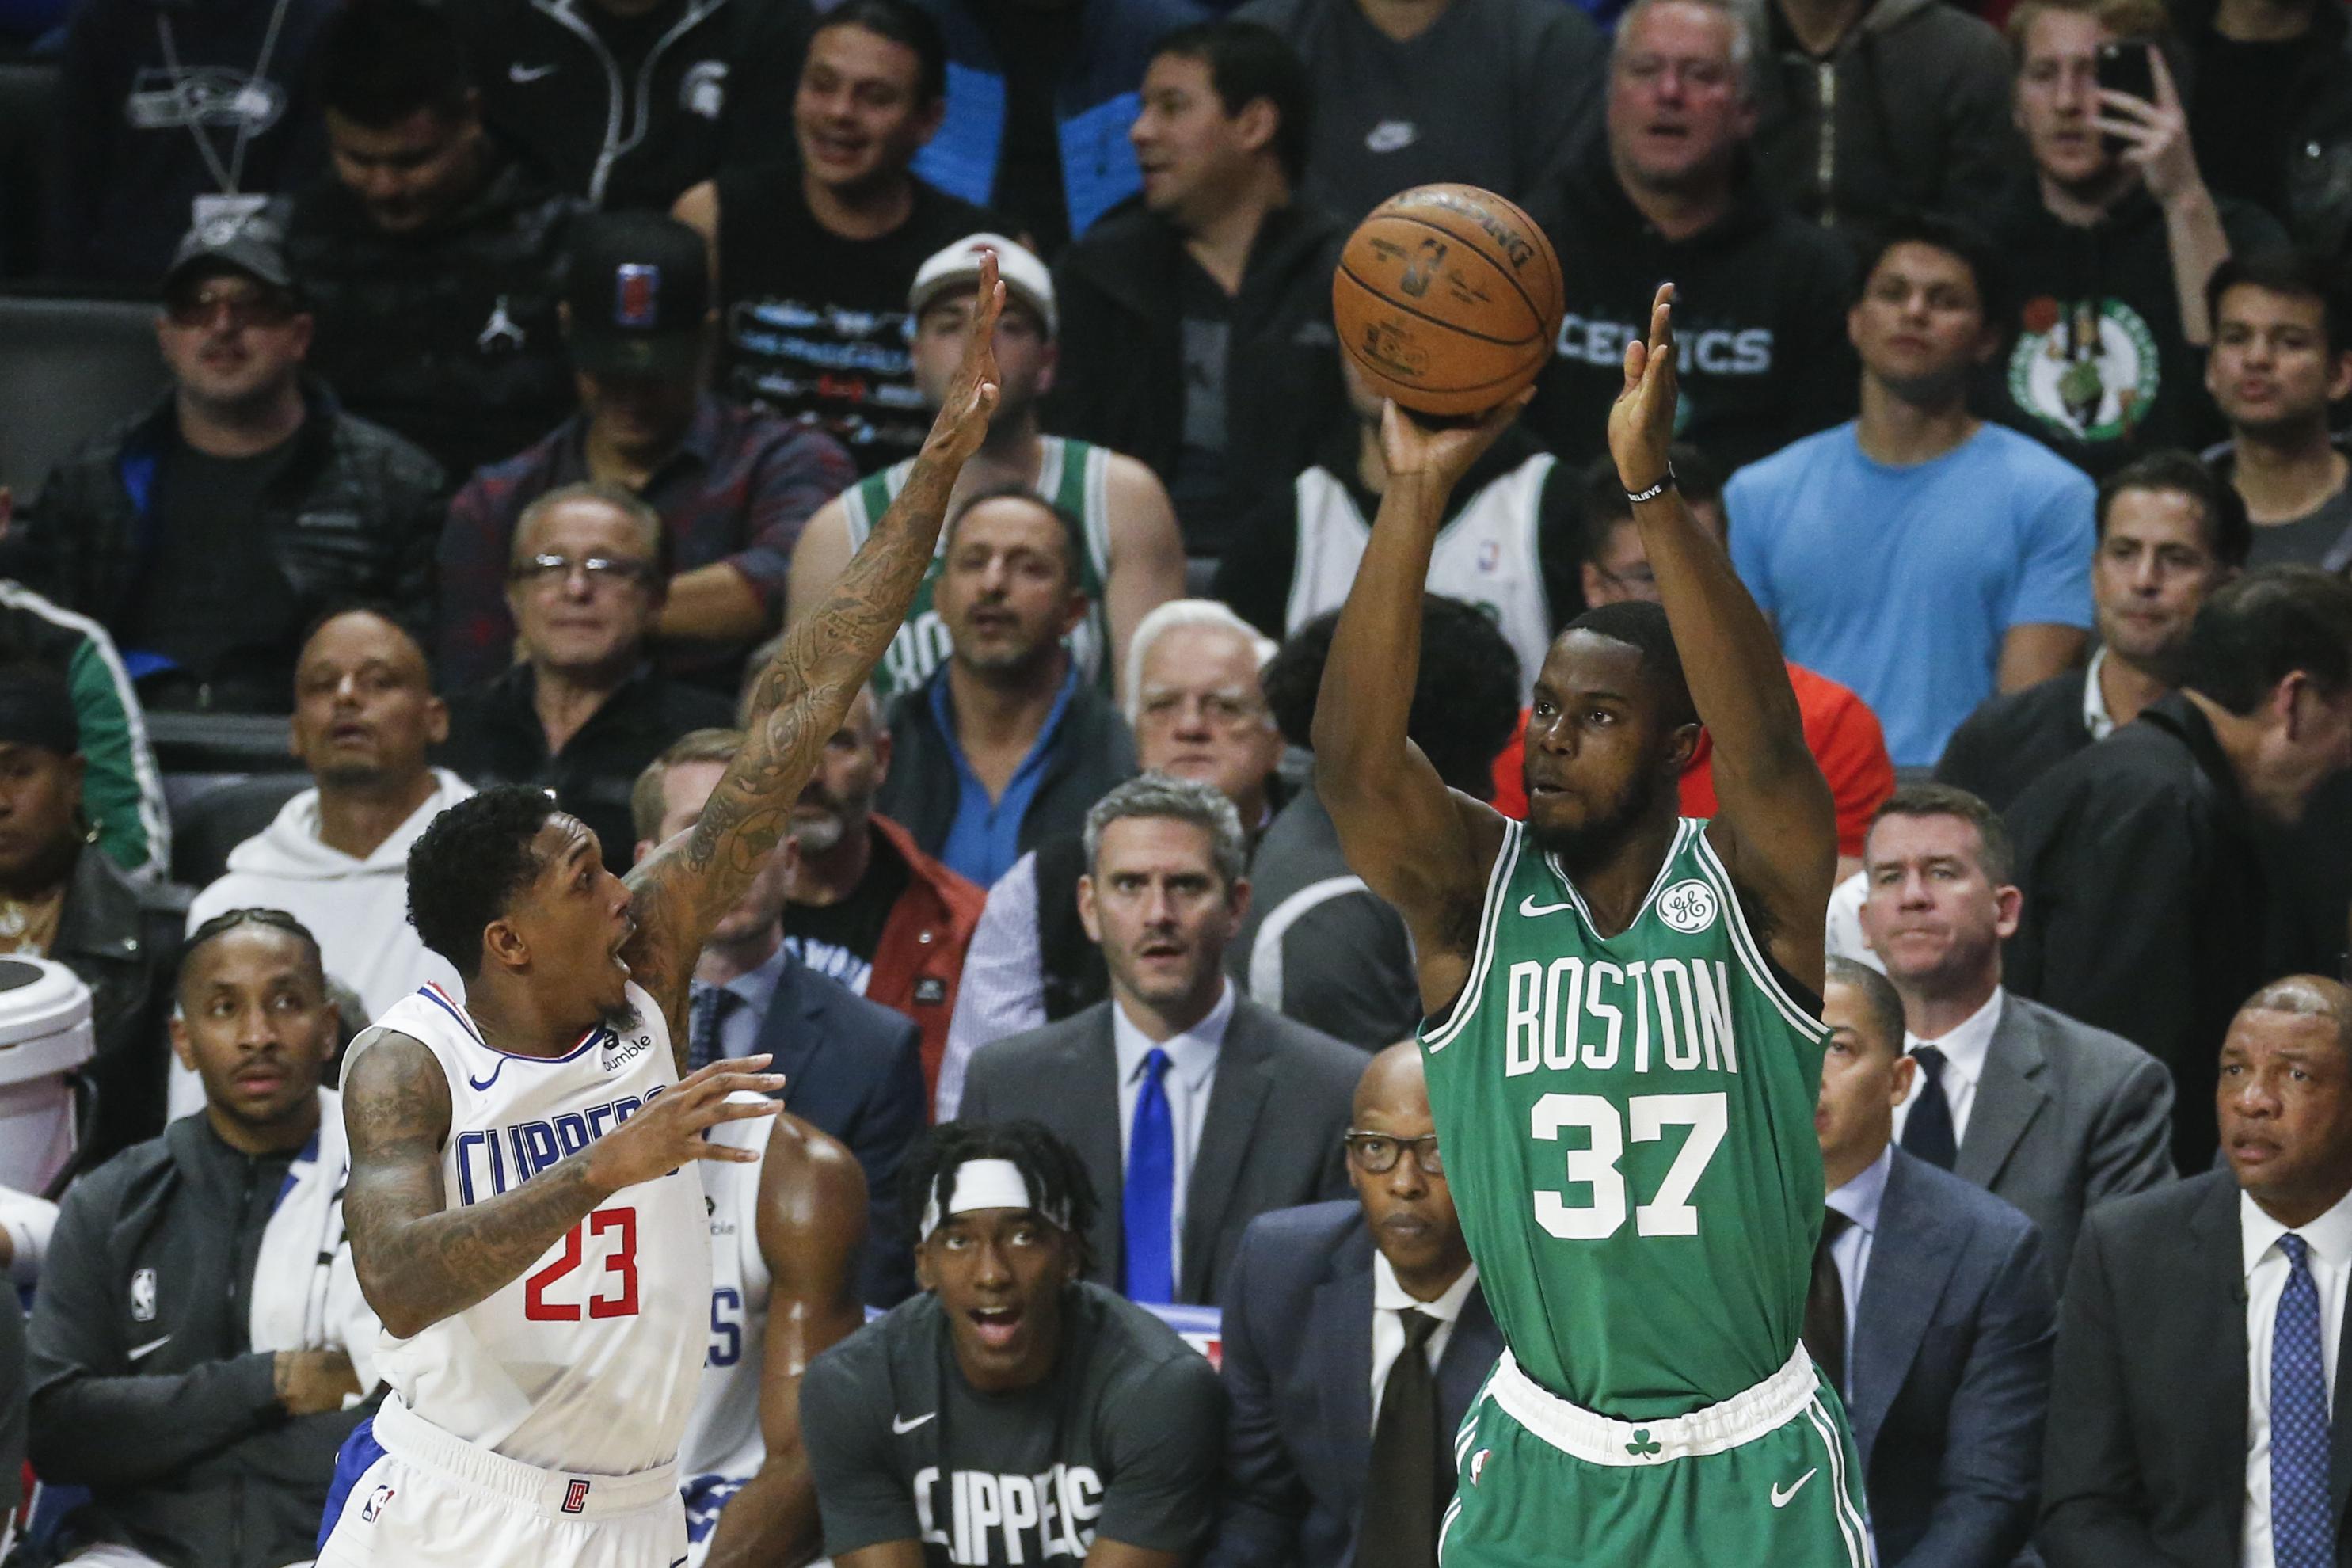 Basket - NBA - Les Celtics au bout de la nuit, Oklahoma City stoppe New Orleans